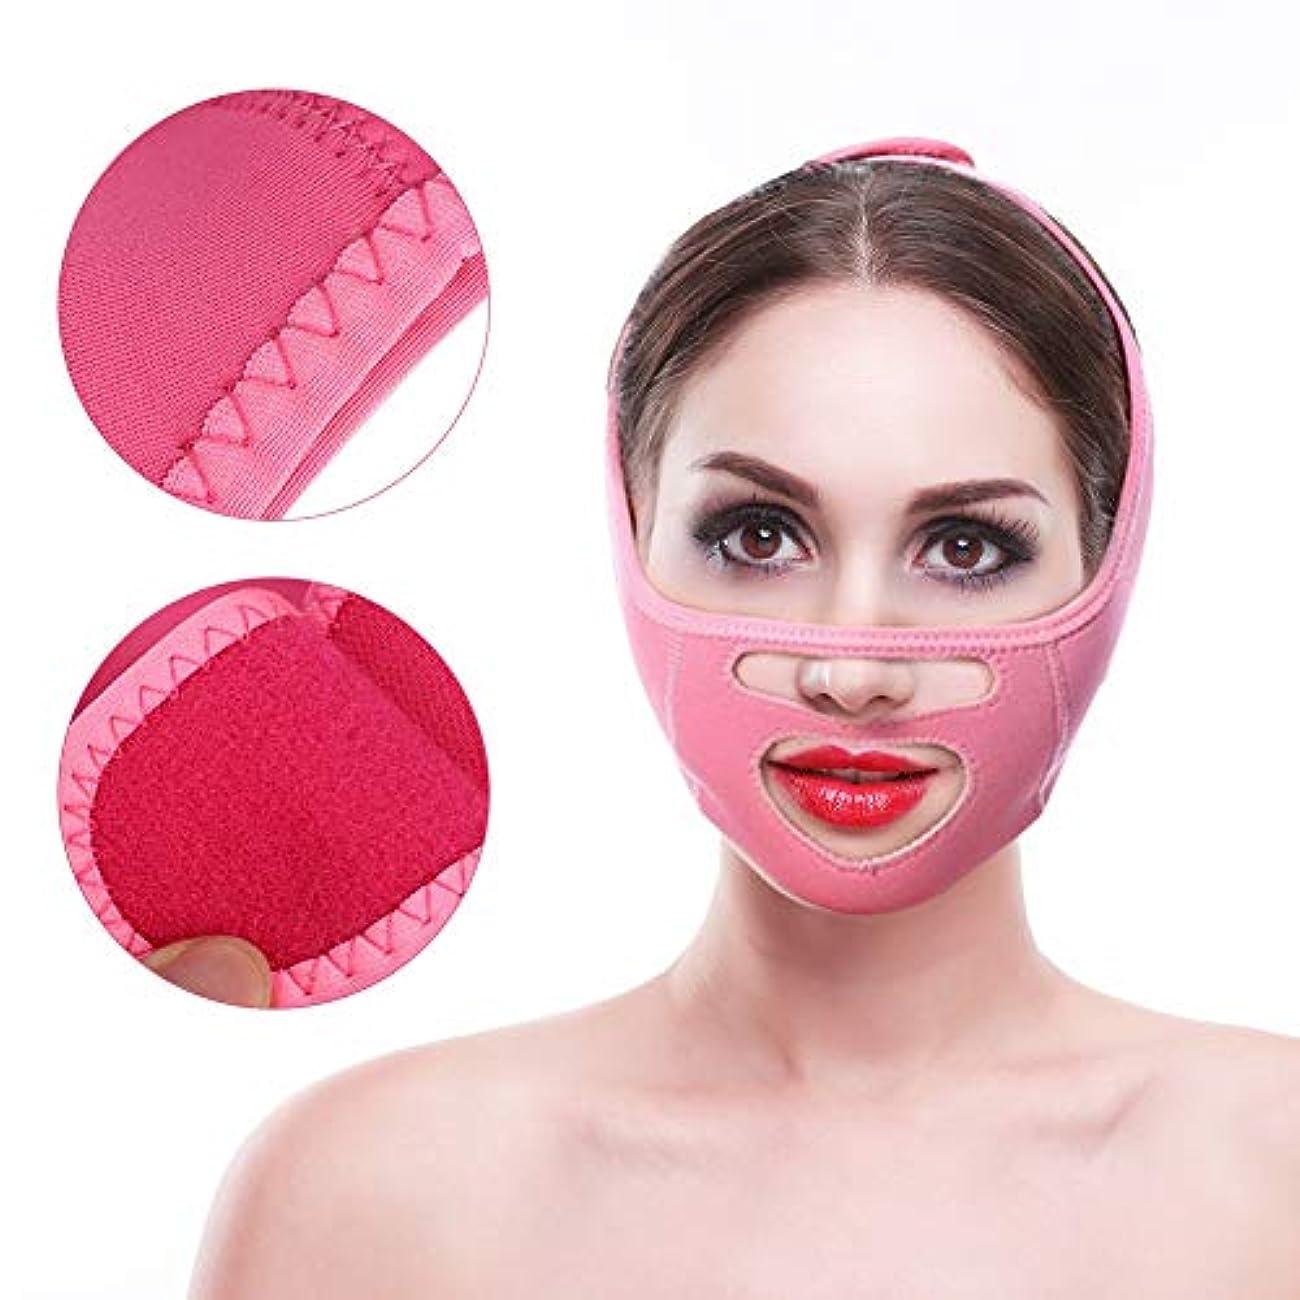 キリストデクリメントブラスト顔の持ち上がる整形ベルト、効果的に顔の形を改善し、顔と首の二重あごに肌を引き締め包帯を減らす